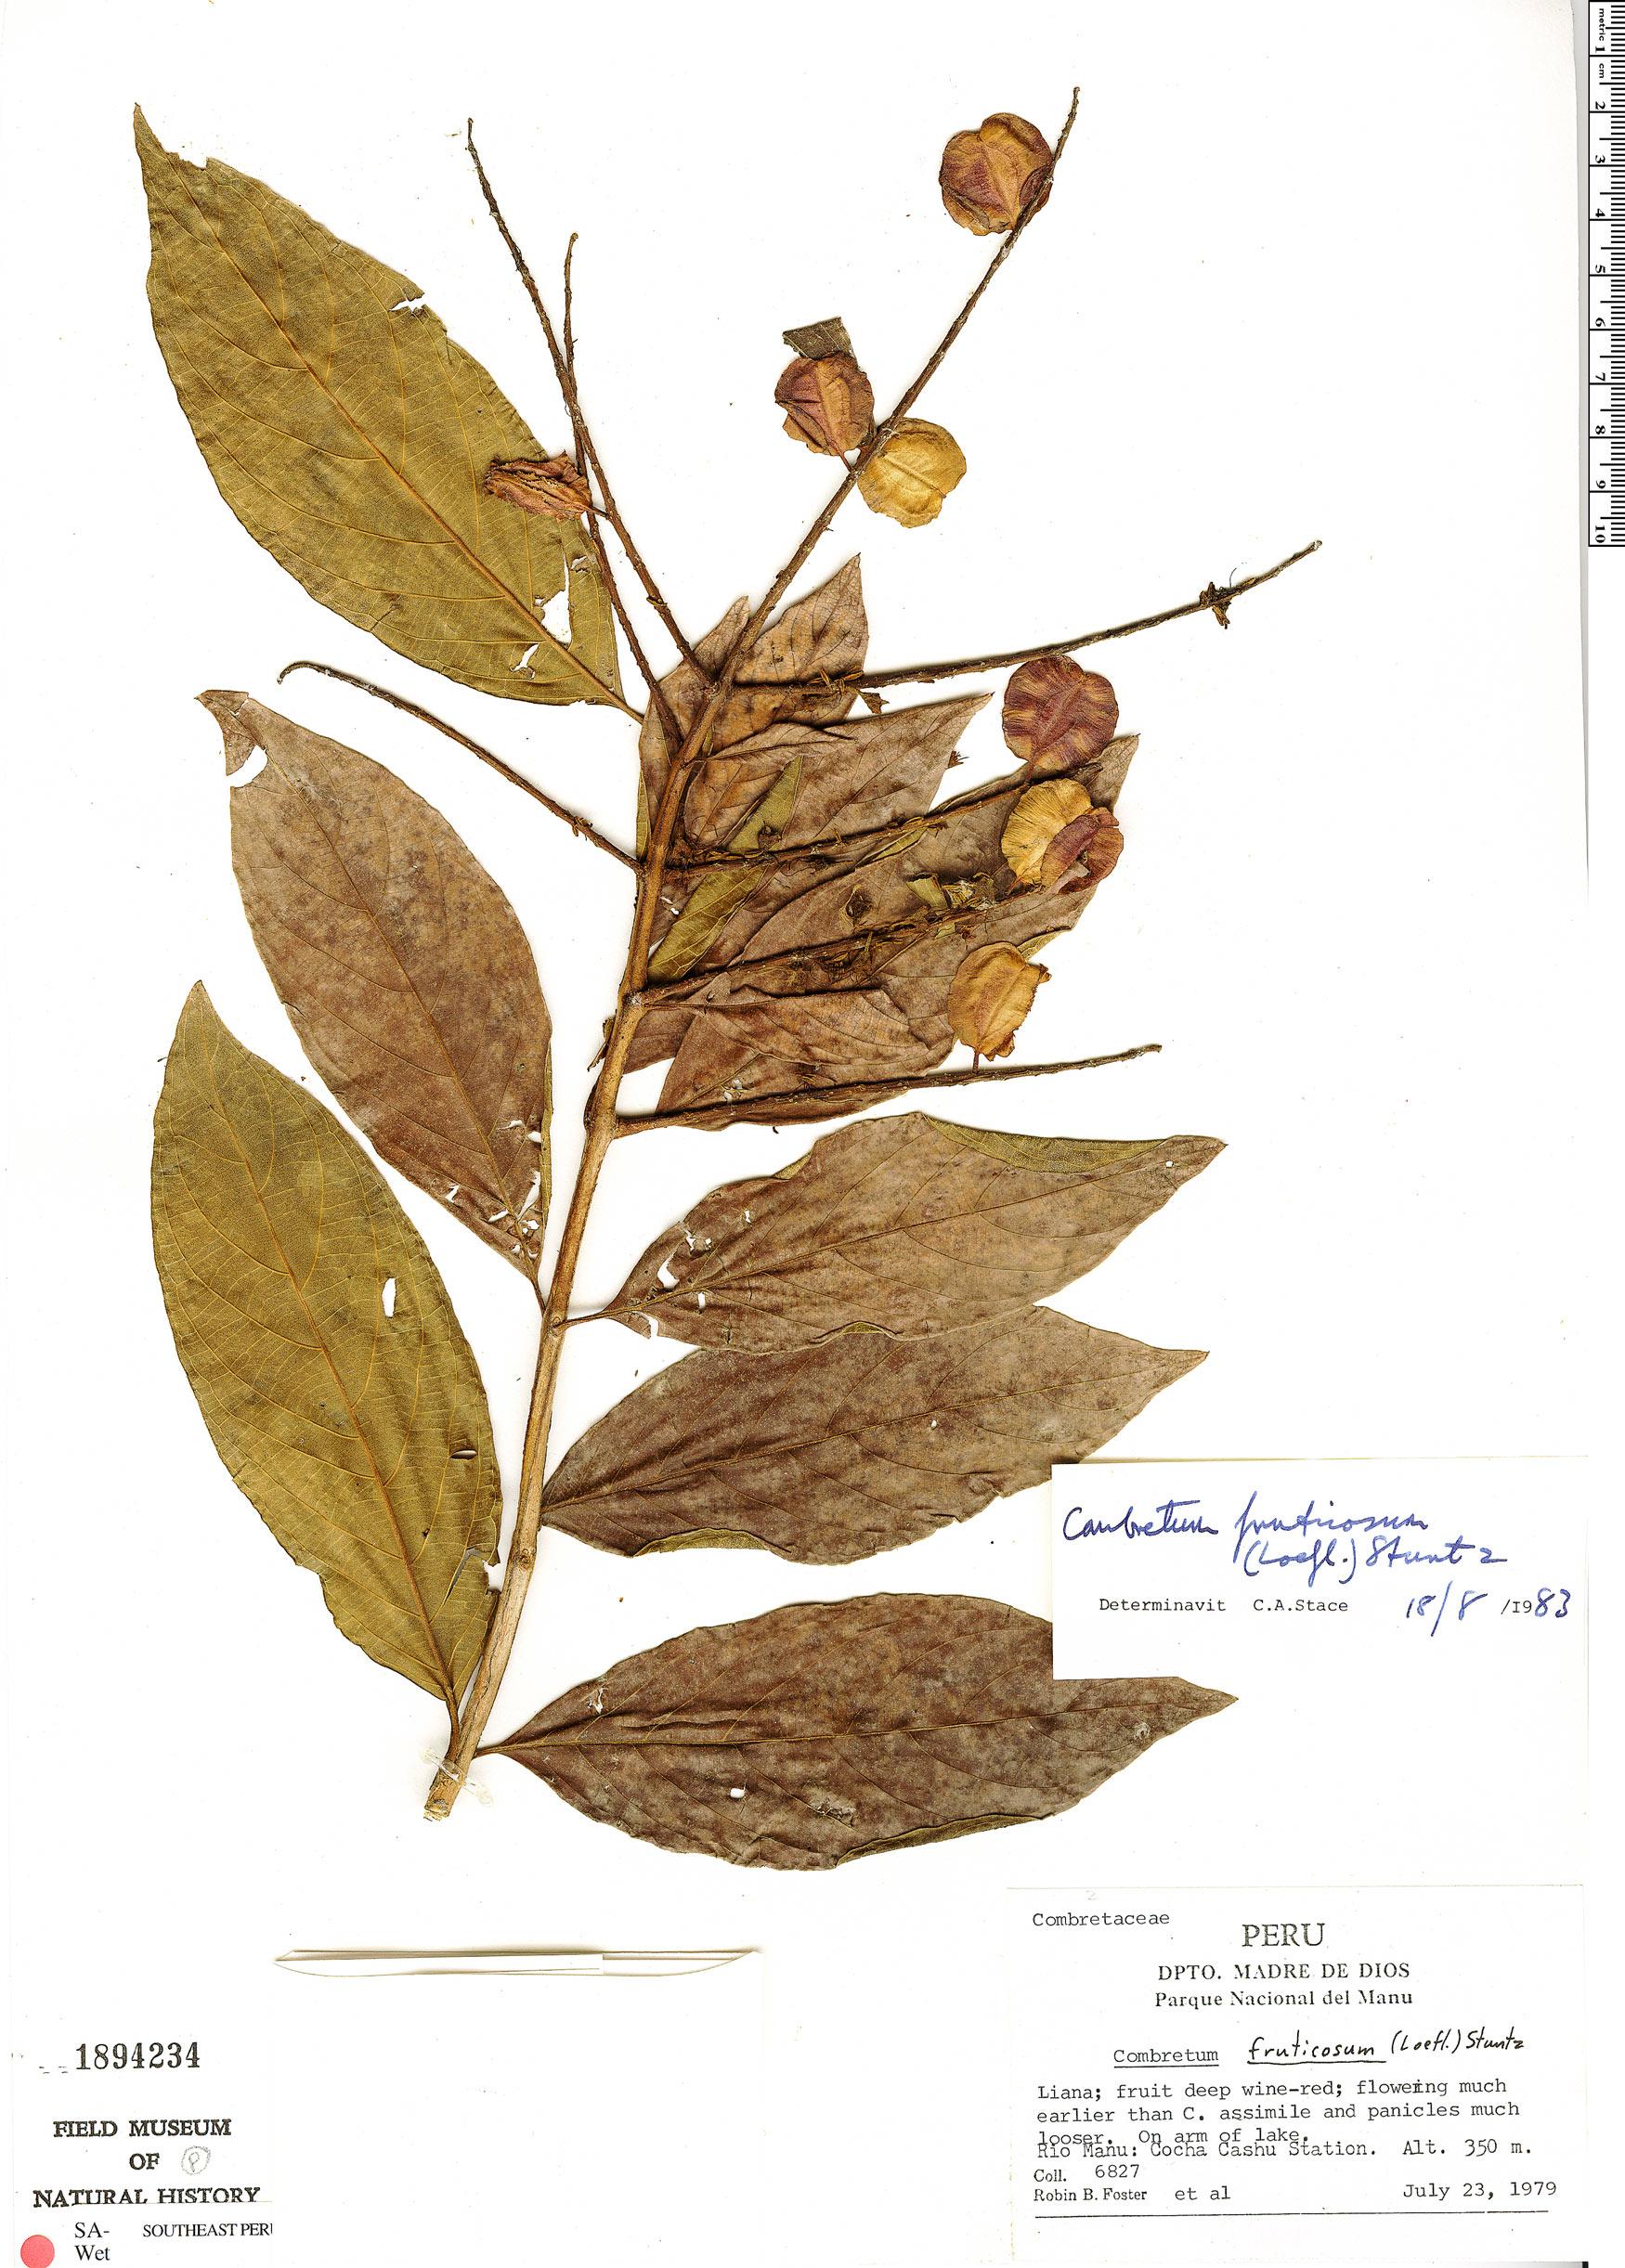 Specimen: Combretum fruticosum